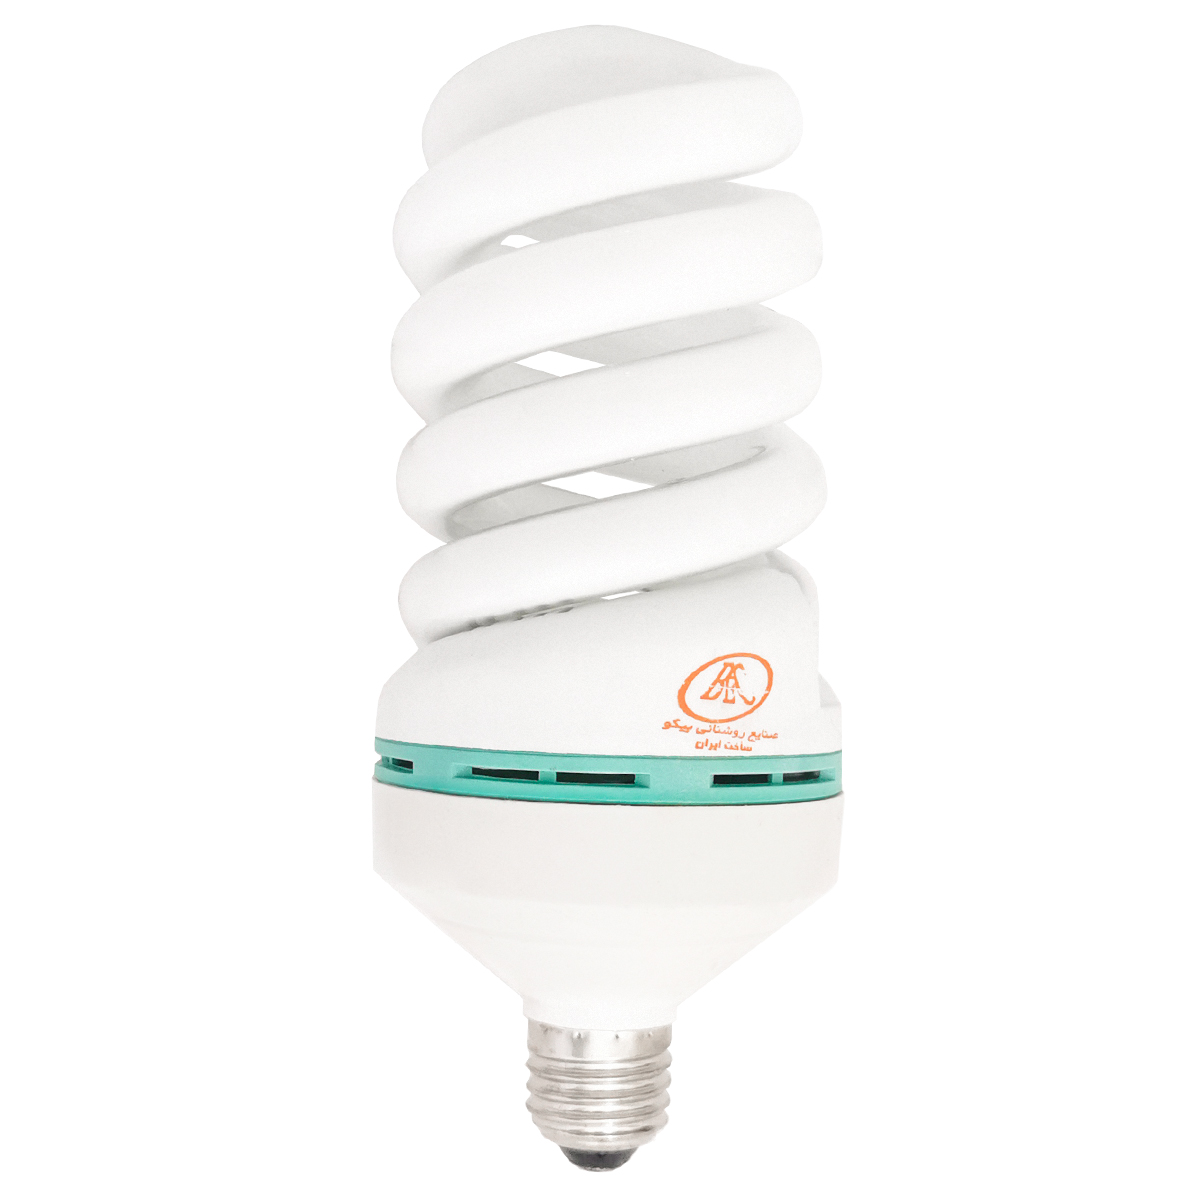 لامپ کم مصرف 50 وات بیکو مدل B250 پایه E27